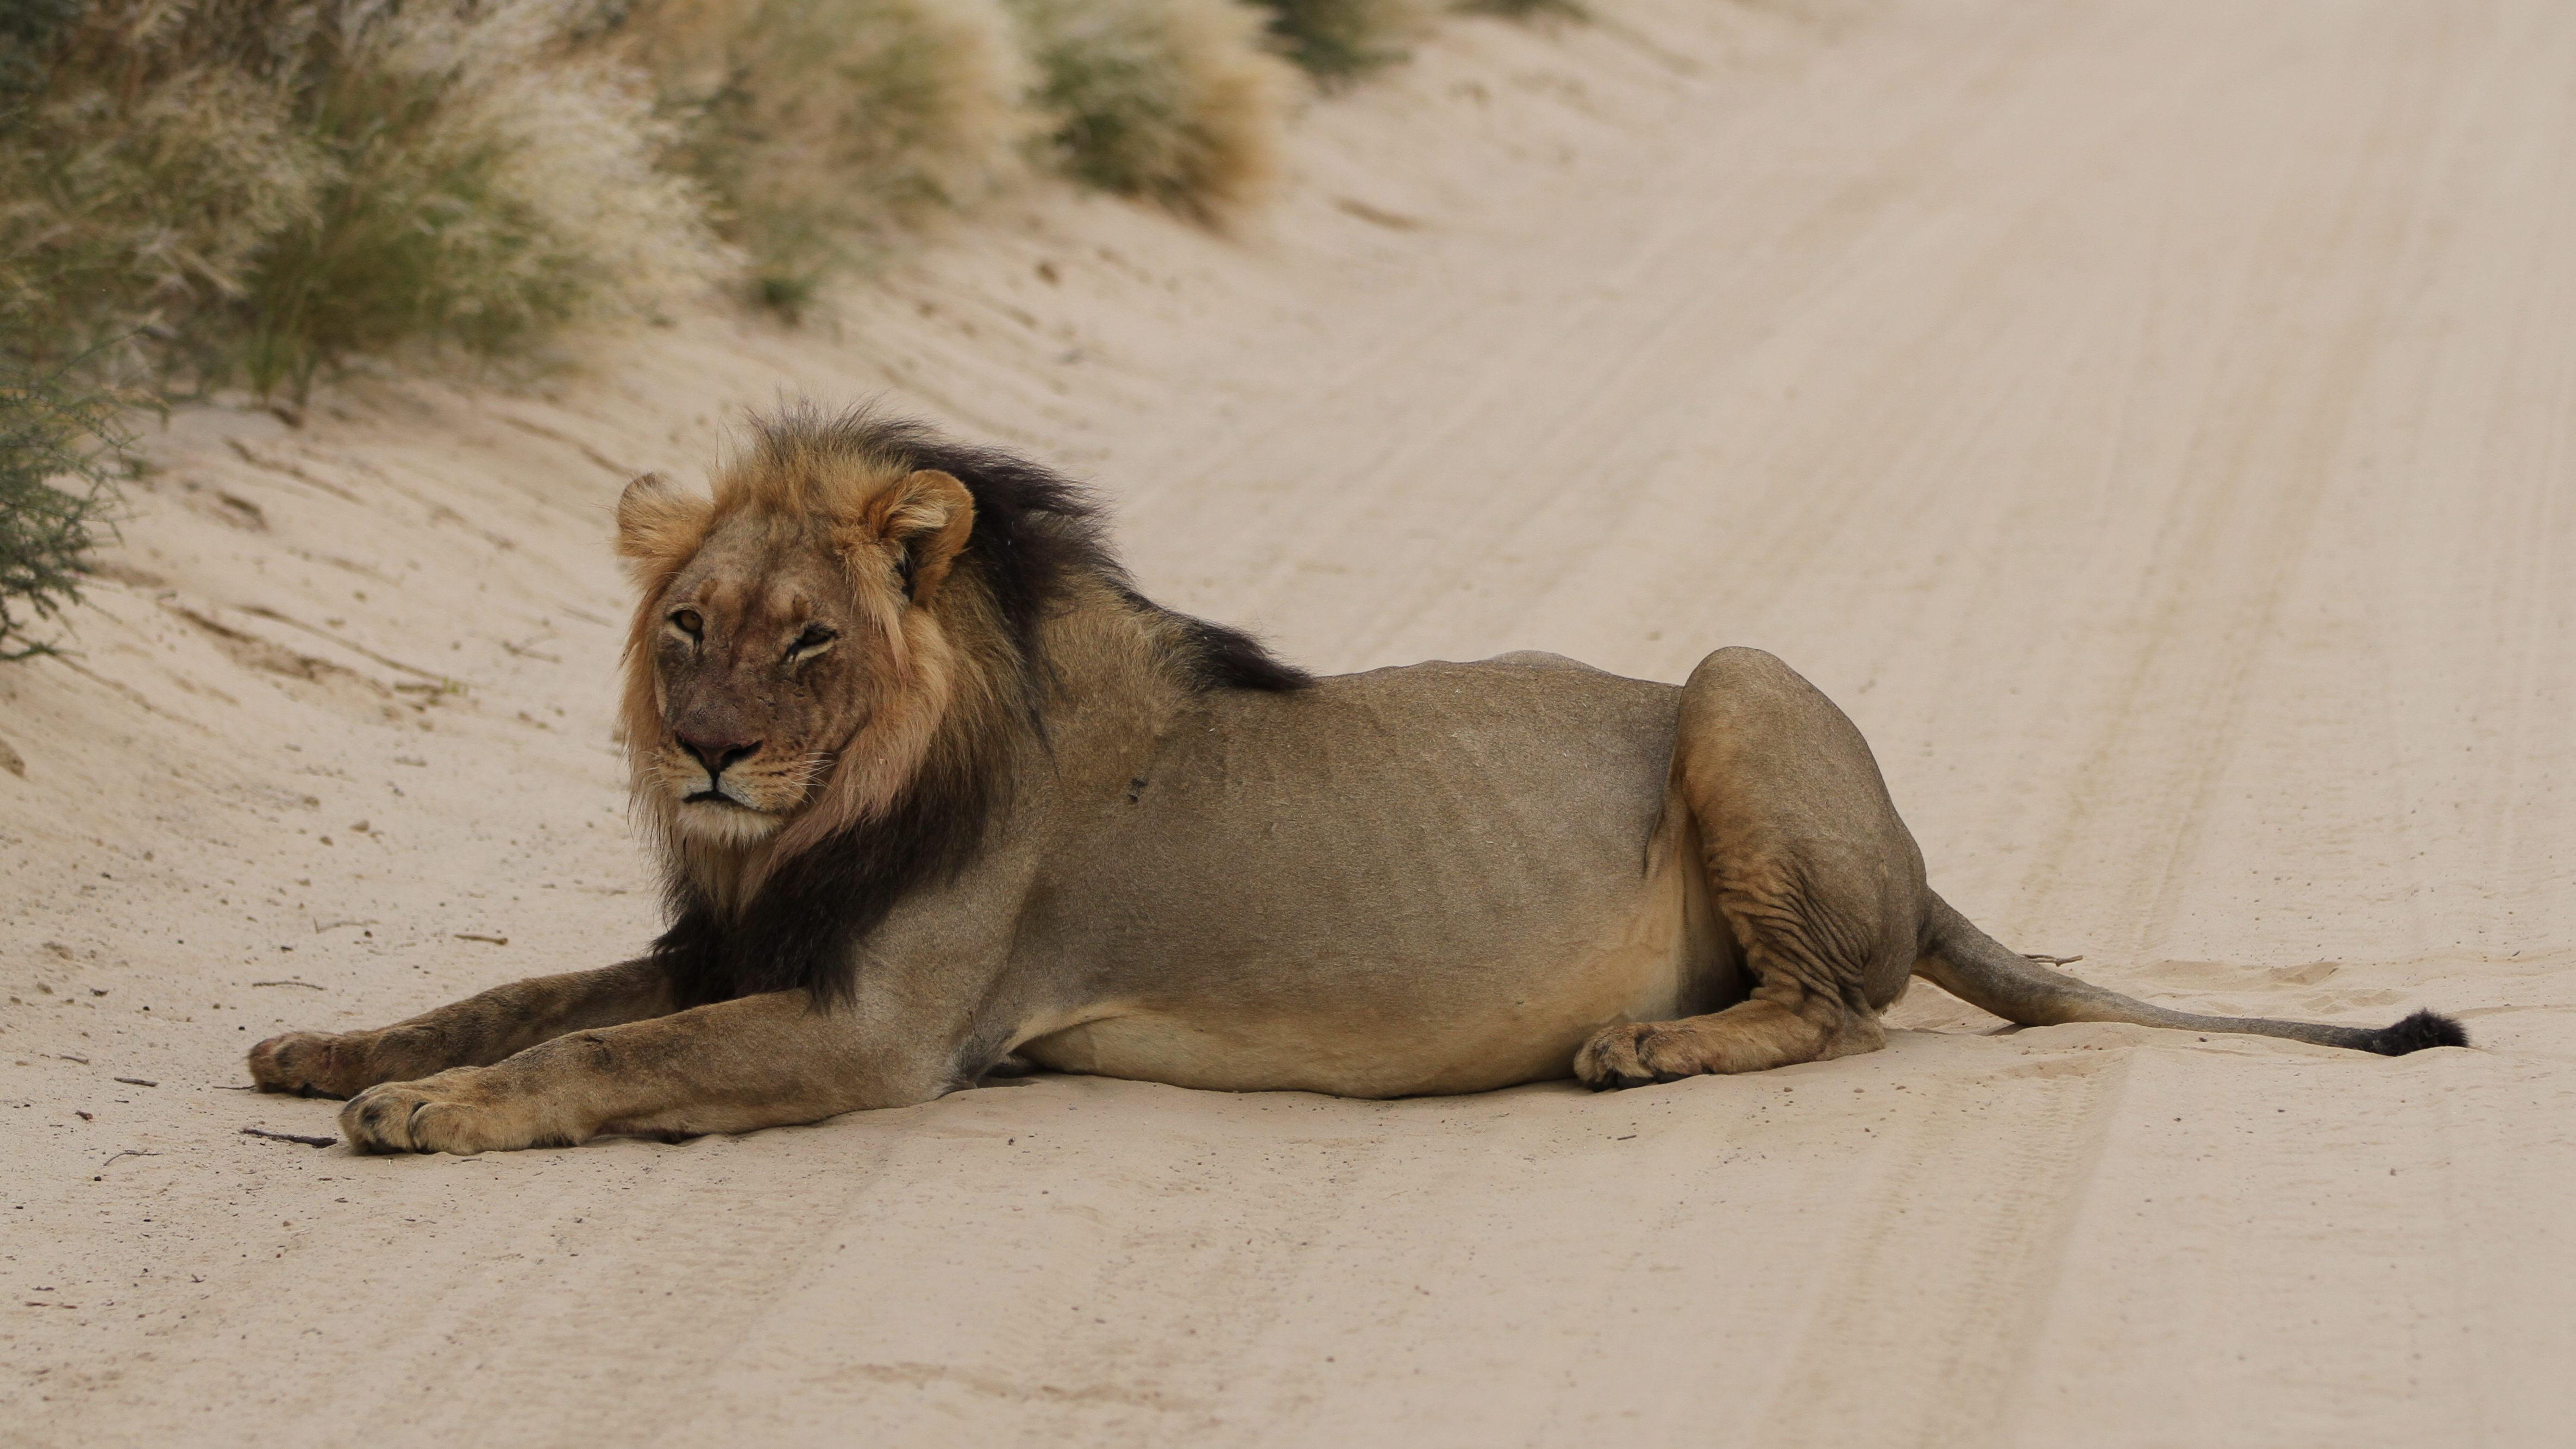 За последние 20 лет численность африканского льва сократилась на43%. Возможно, мы напороге нового массового вымирания?